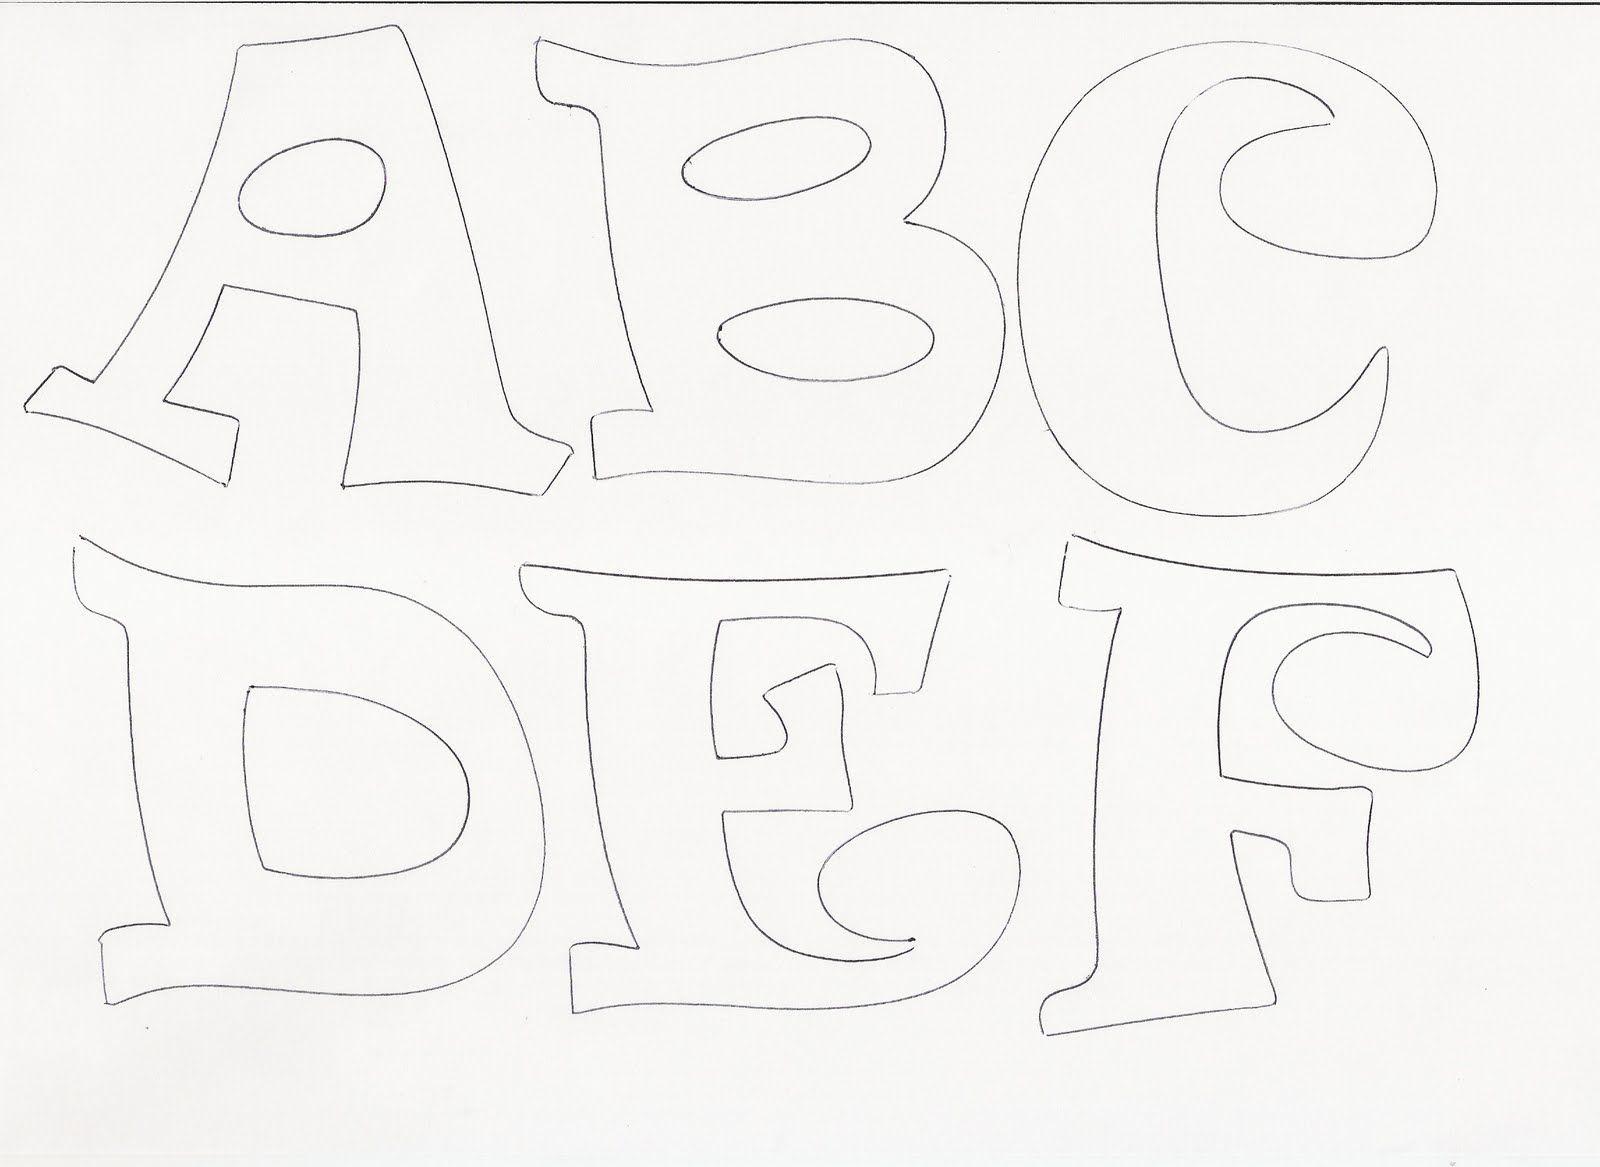 Moldes para hacer letras en goma eva - Imagui | letras ...